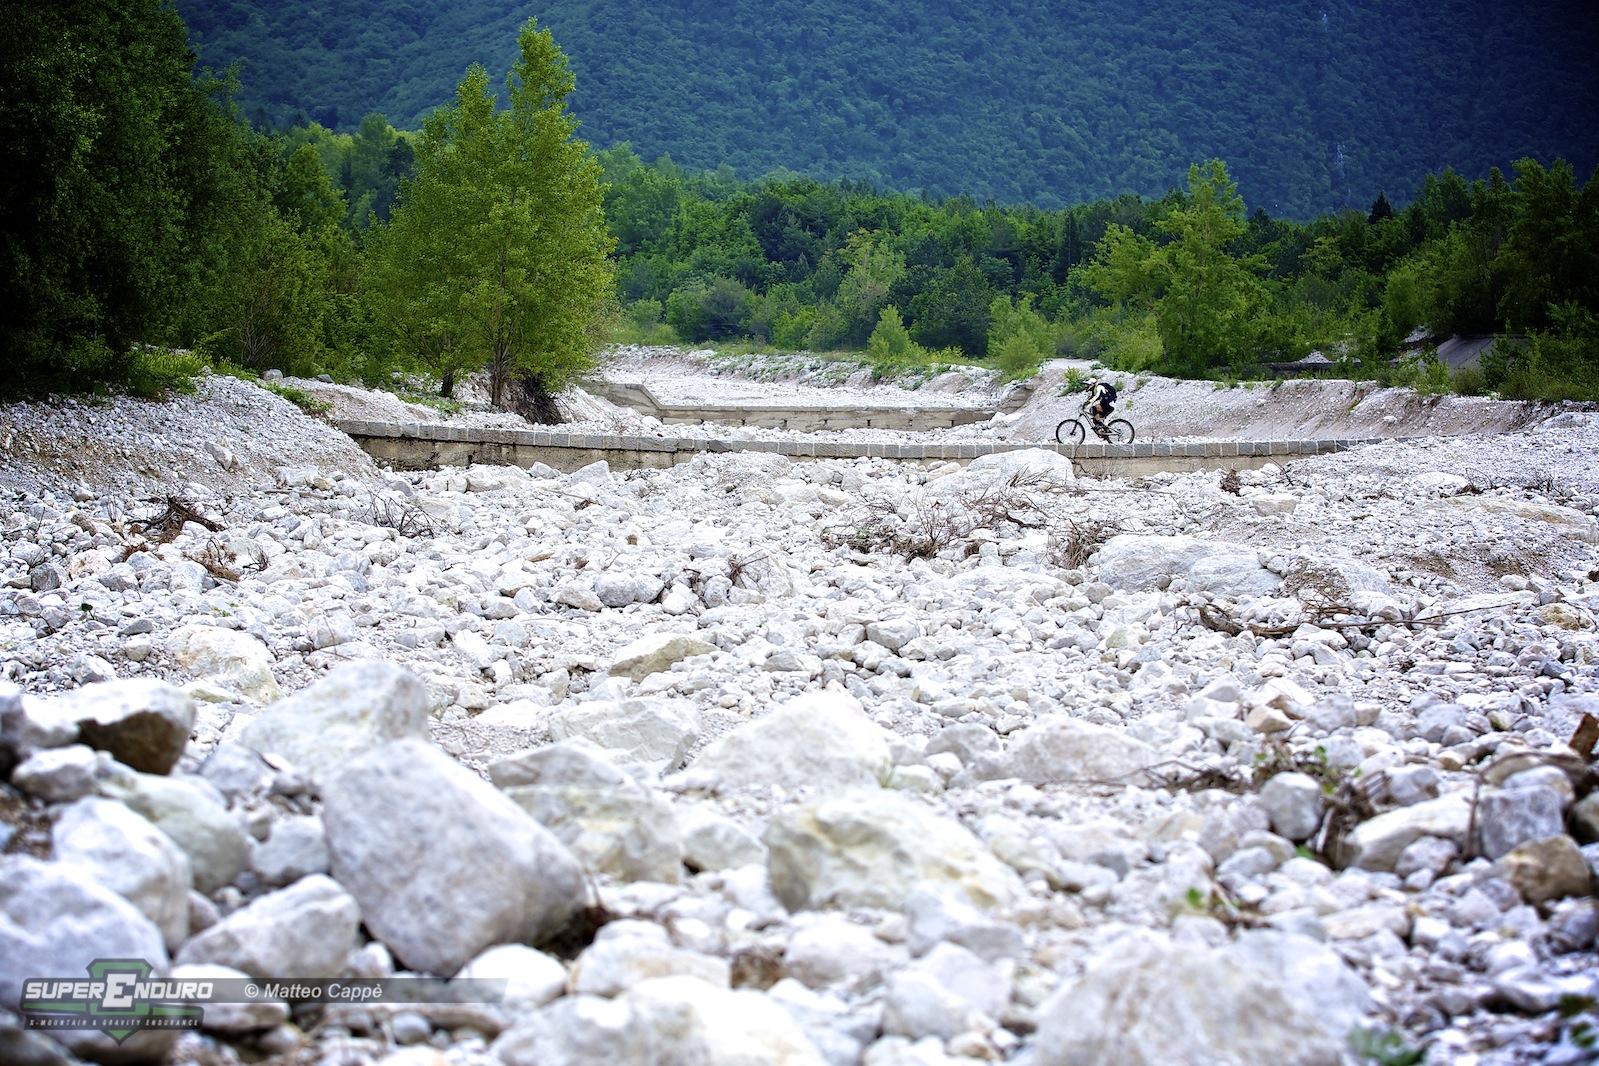 Superenduro gemona vittoria per ducci e zanotto - Letto di un fiume ...